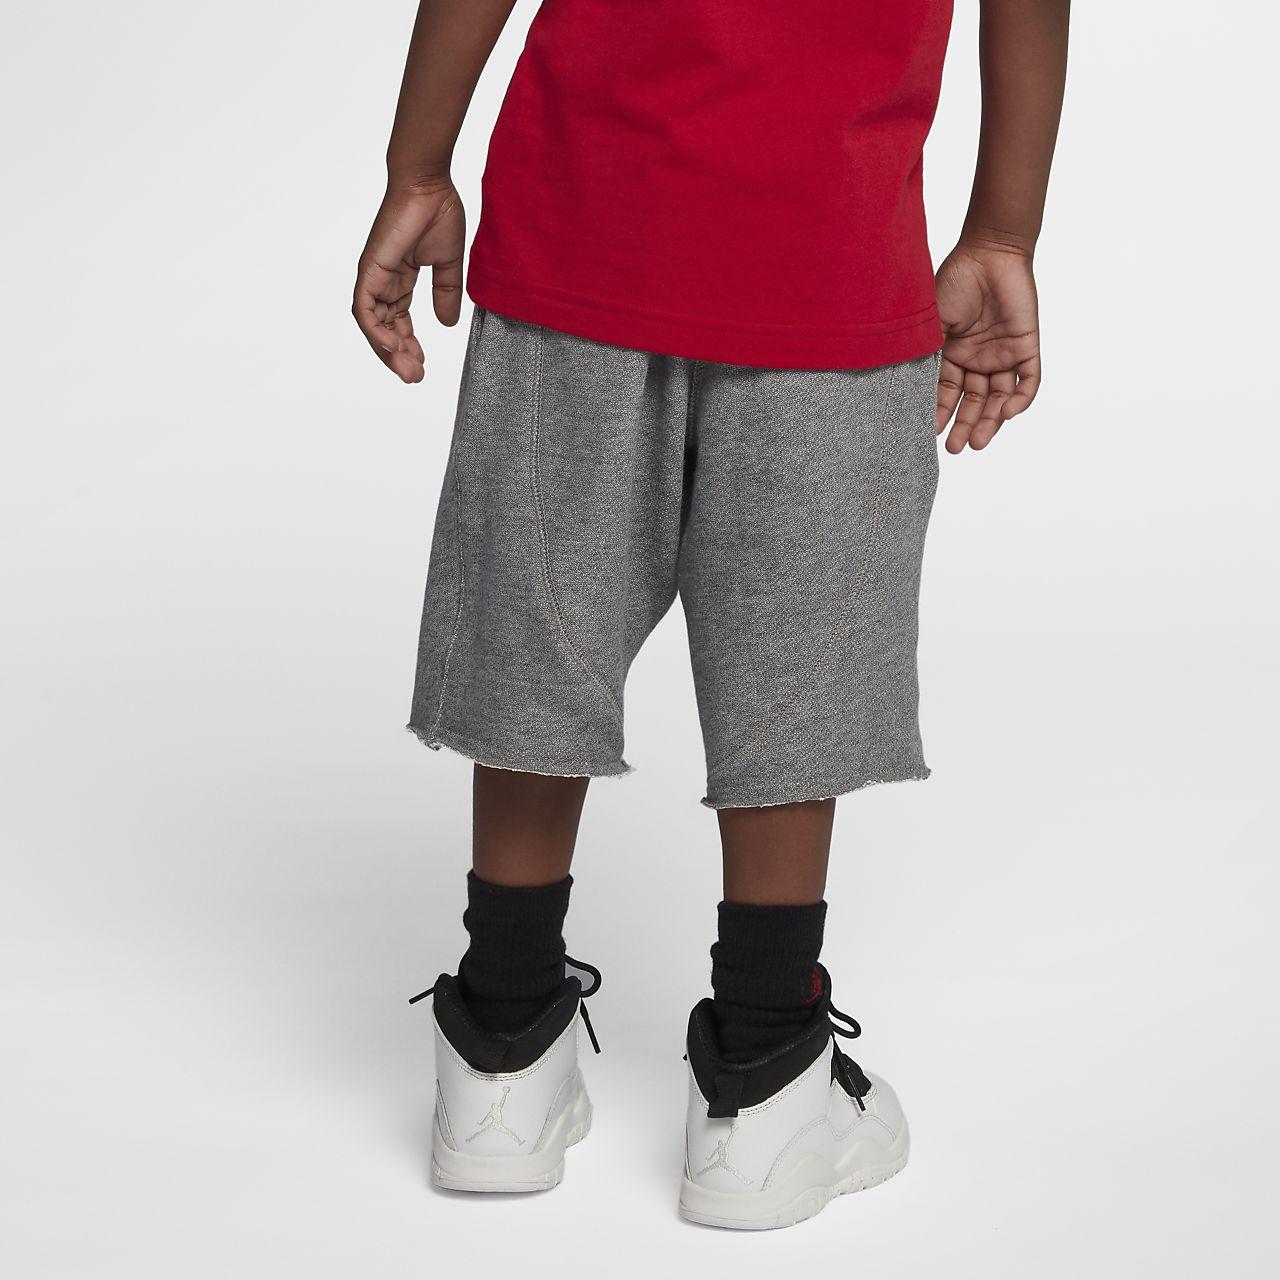 fc79947bc451 Jordan Sportswear Wings Lite Little Kids  (Boys ) Shorts. Nike.com